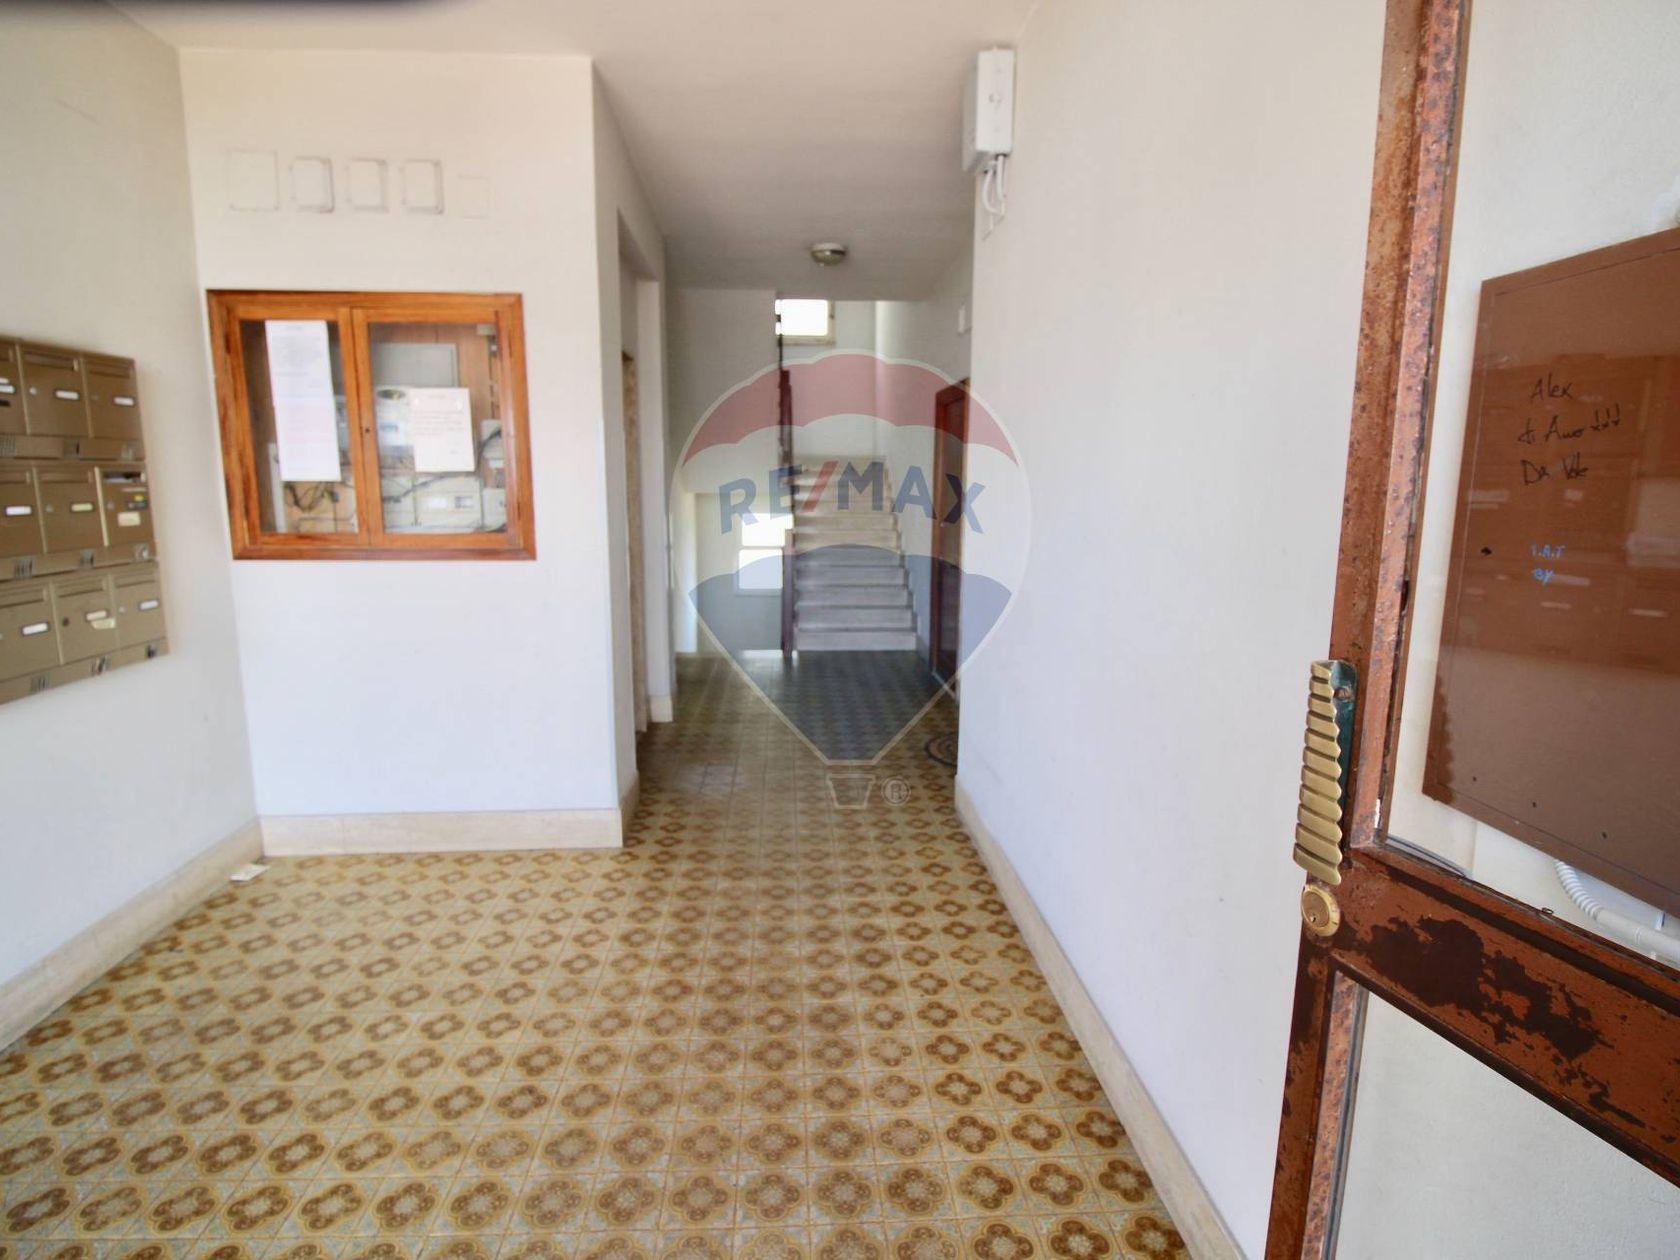 Appartamento Ss-monte Rosello Basso, Sassari, SS Vendita - Foto 19